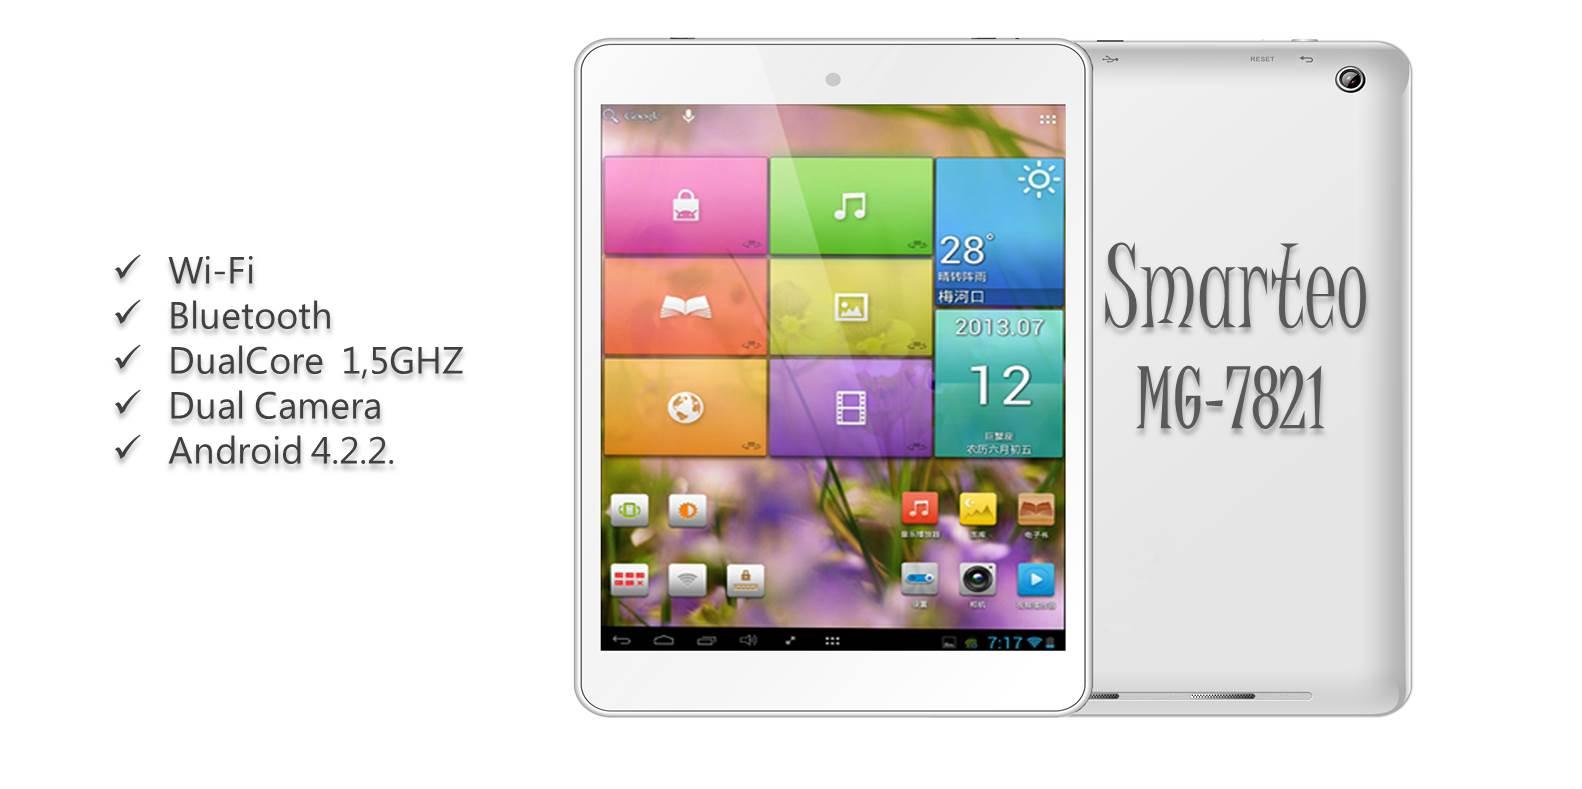 Προσφορά SaleTime - TABLET MG-7821 - Tablet Smarteo MG-7821 7,85 ιντσών με 2πύρηνο επεξεργαστή 1,5GHZ με Android OS 4.2.2 & Δώρο 1 extra προστατευτική ζελατίνα και 1 ζευγ...